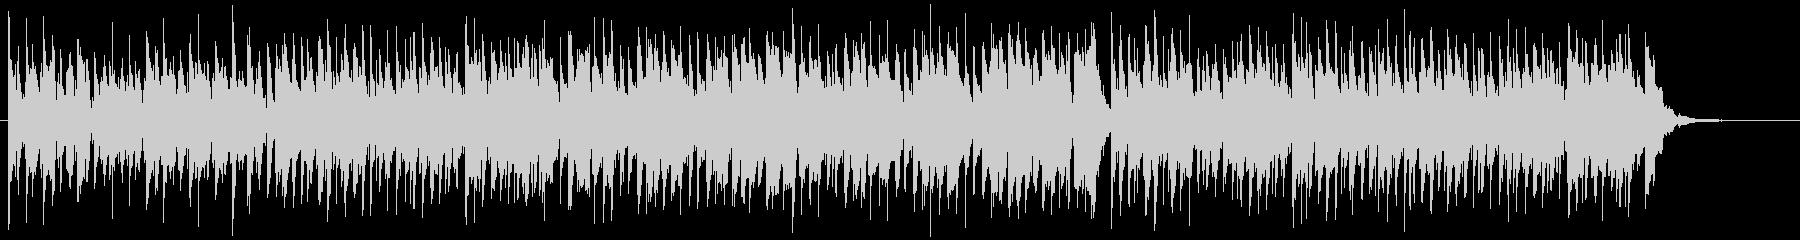 CM用13/フル、陽気なキッズ向けの未再生の波形